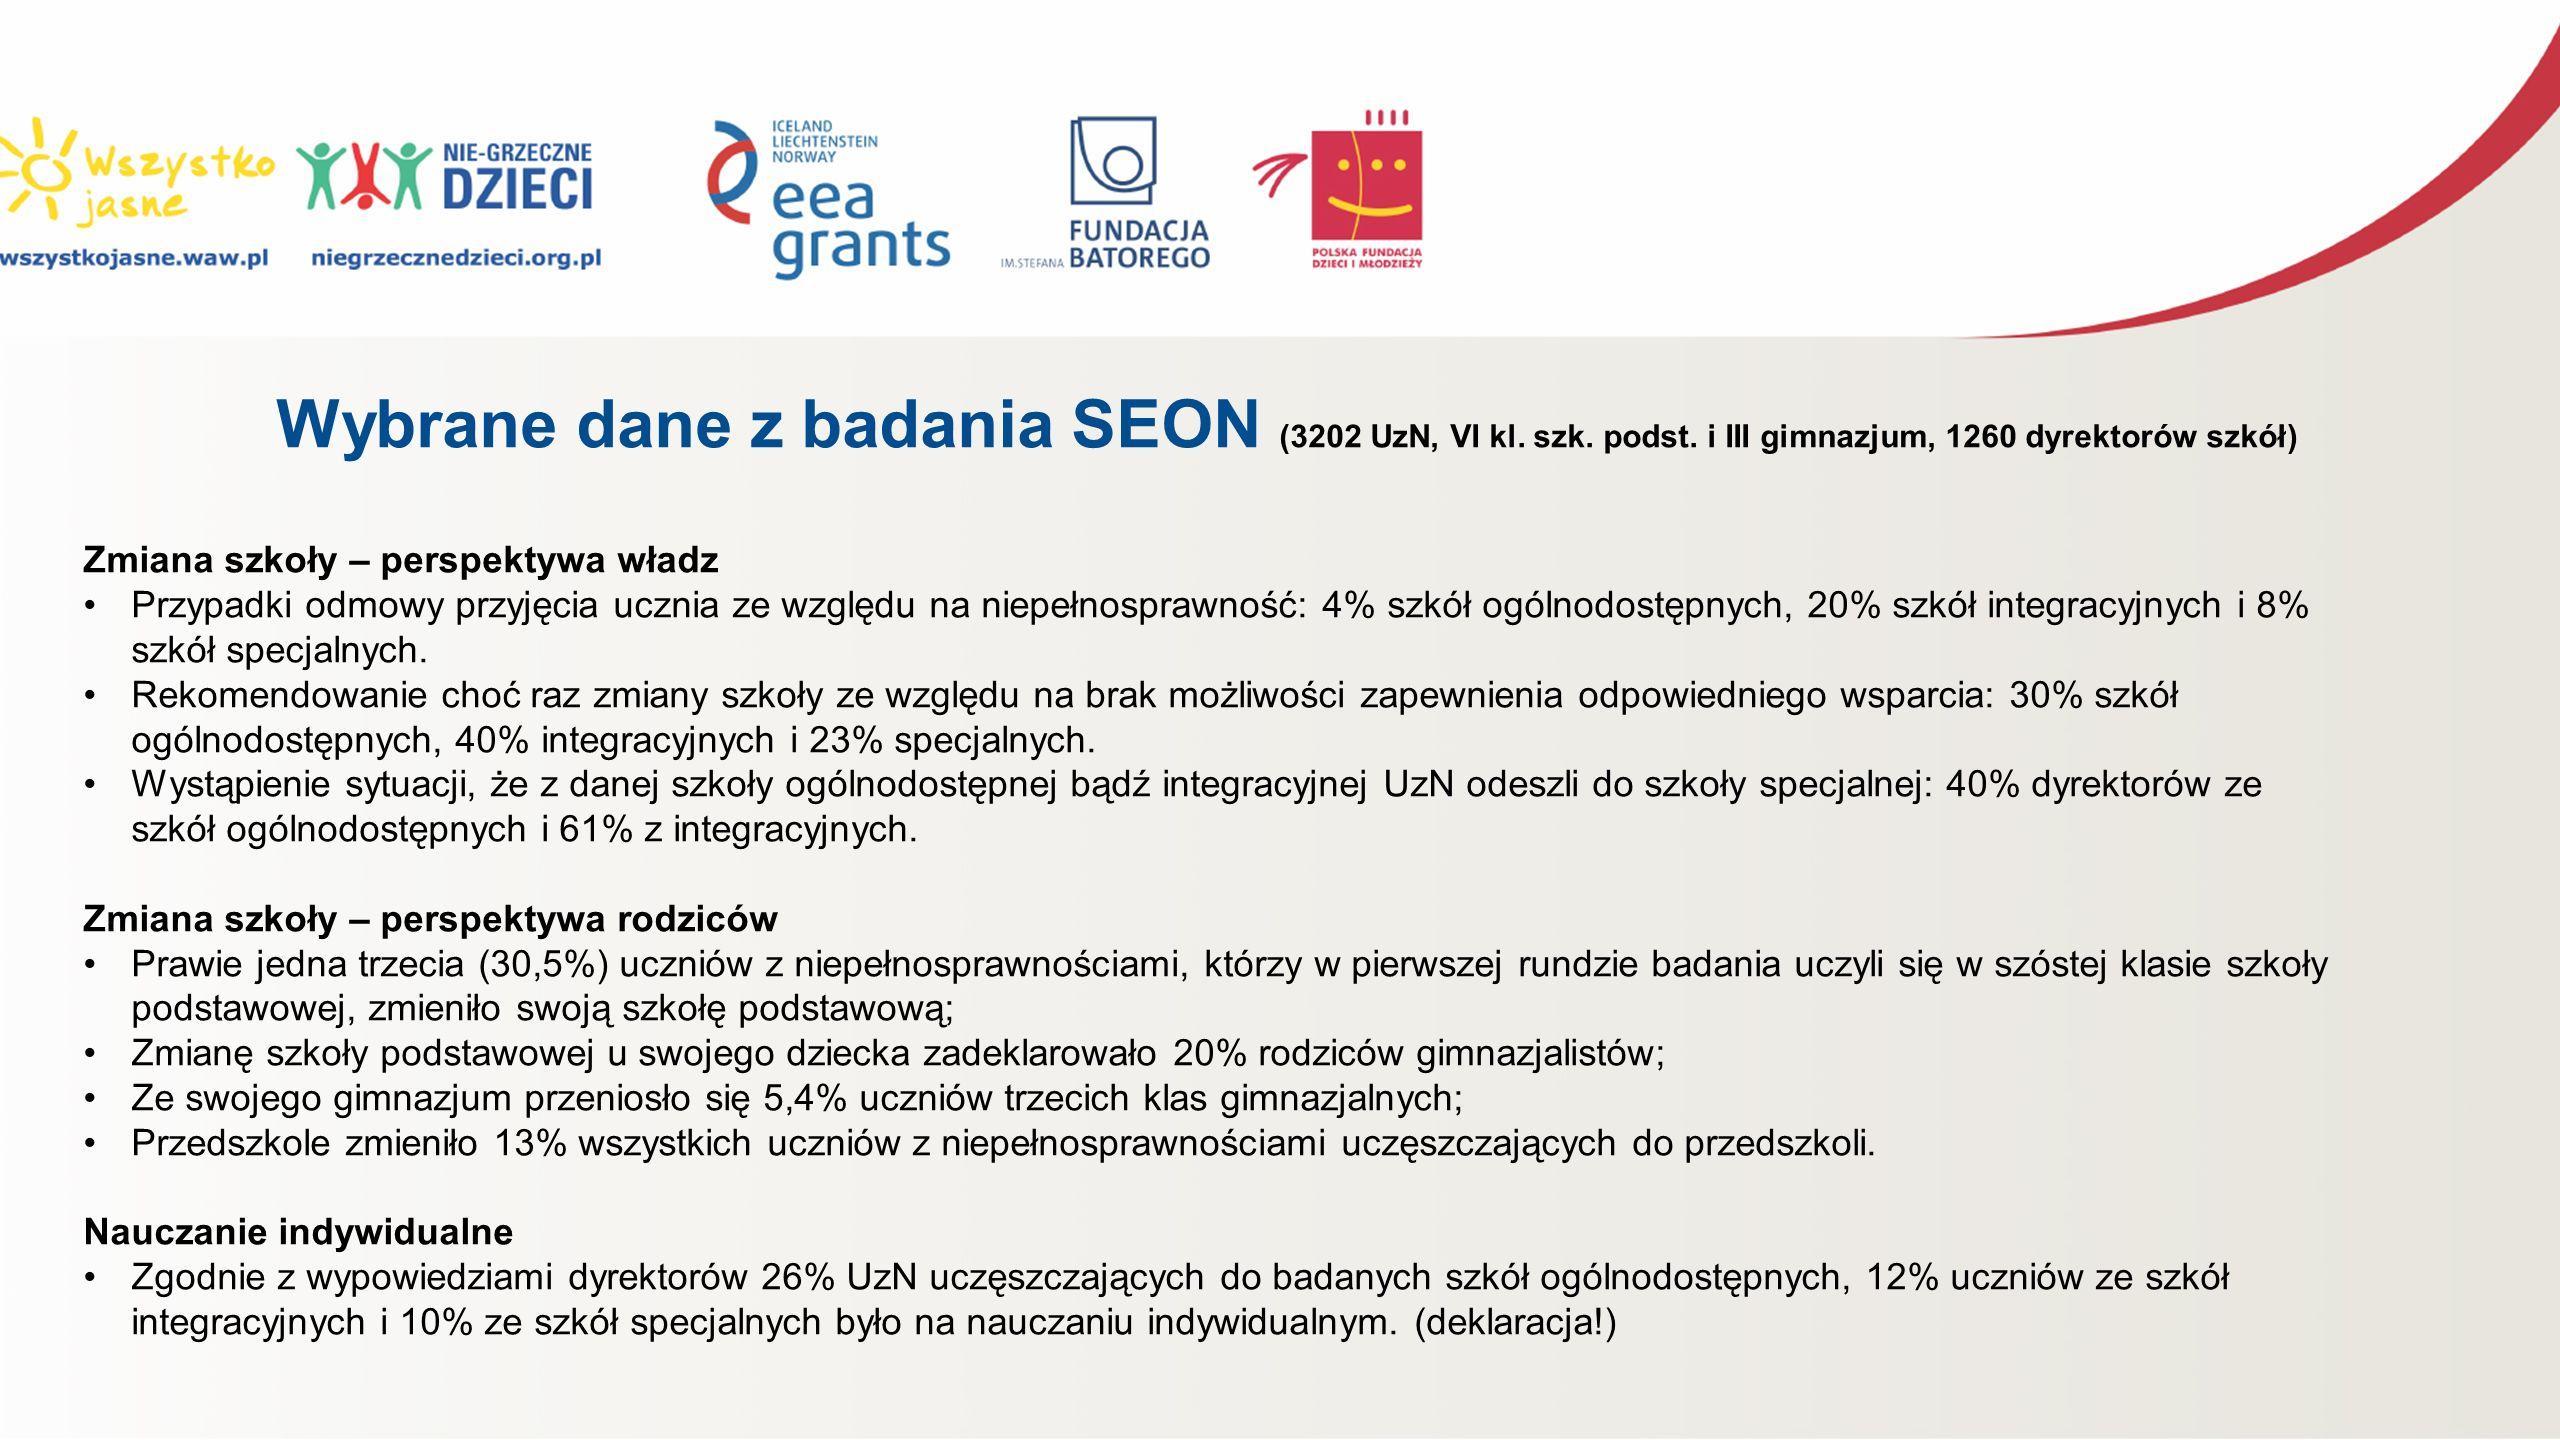 Wybrane dane z badania SEON (3202 UzN, VI kl. szk.